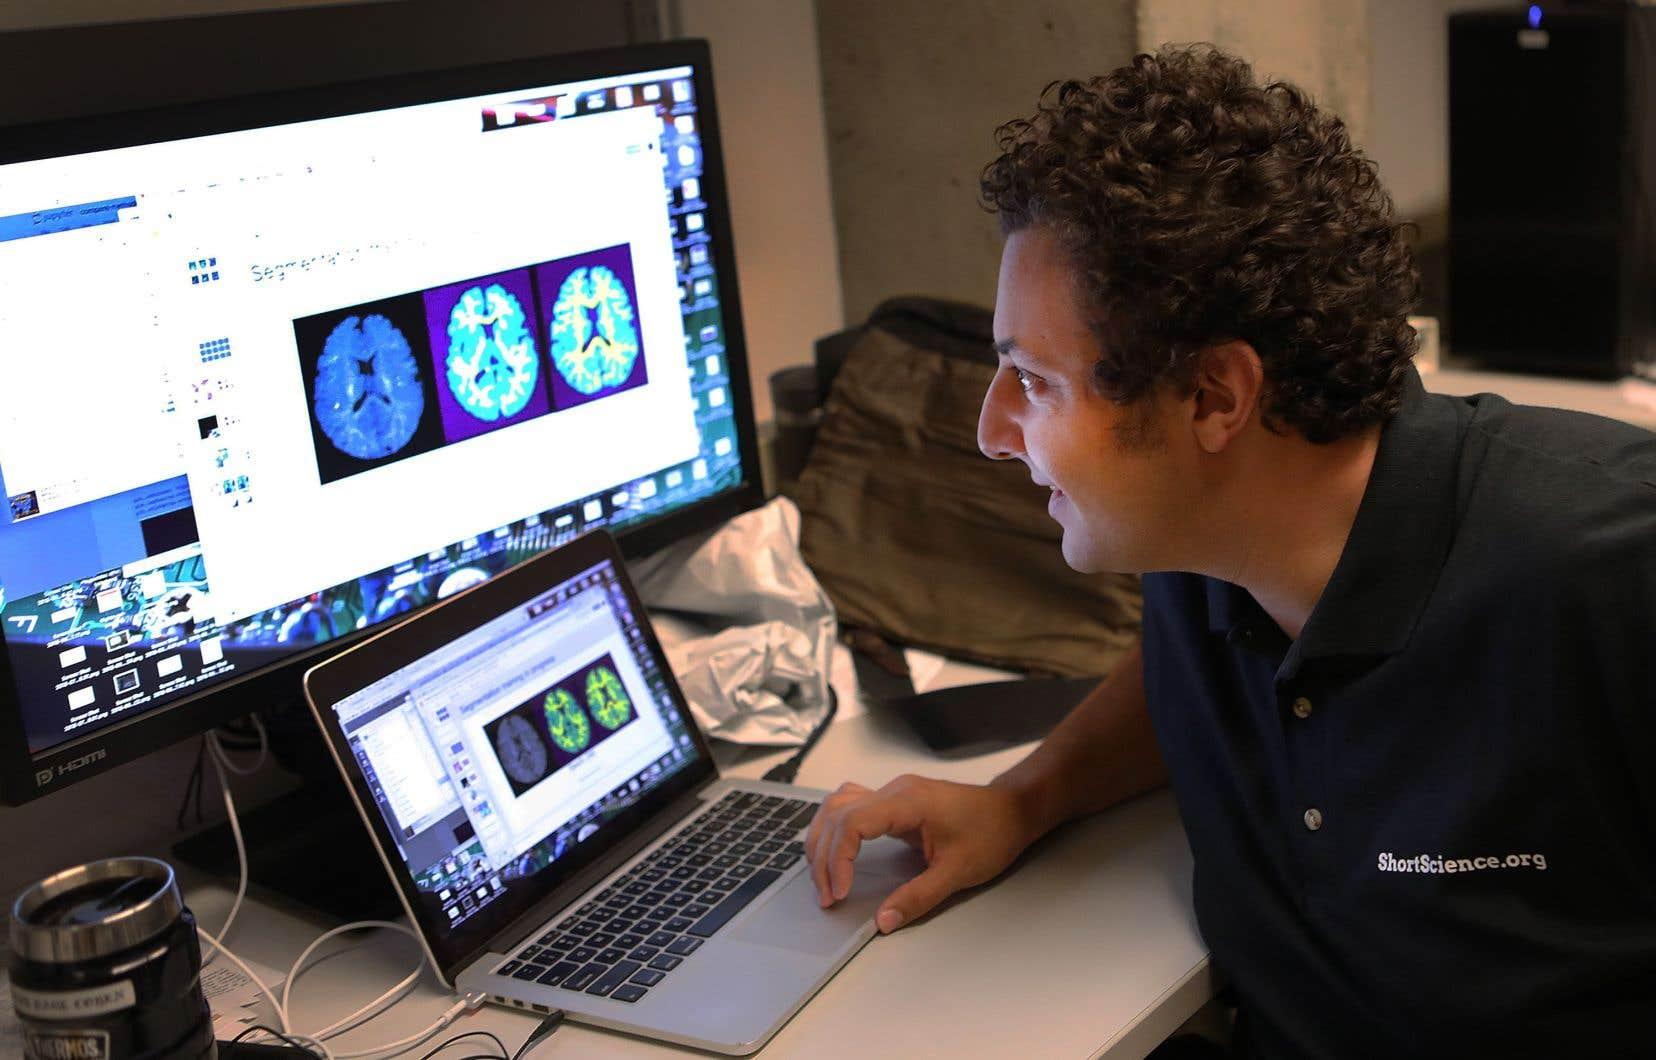 L'Institut canadien de recherches avancées doit annoncer lundi que 14 chercheurs affiliés à Mila recevront chacun un million de dollars pour financer leur propre programme de recherche en intelligence artificielle.